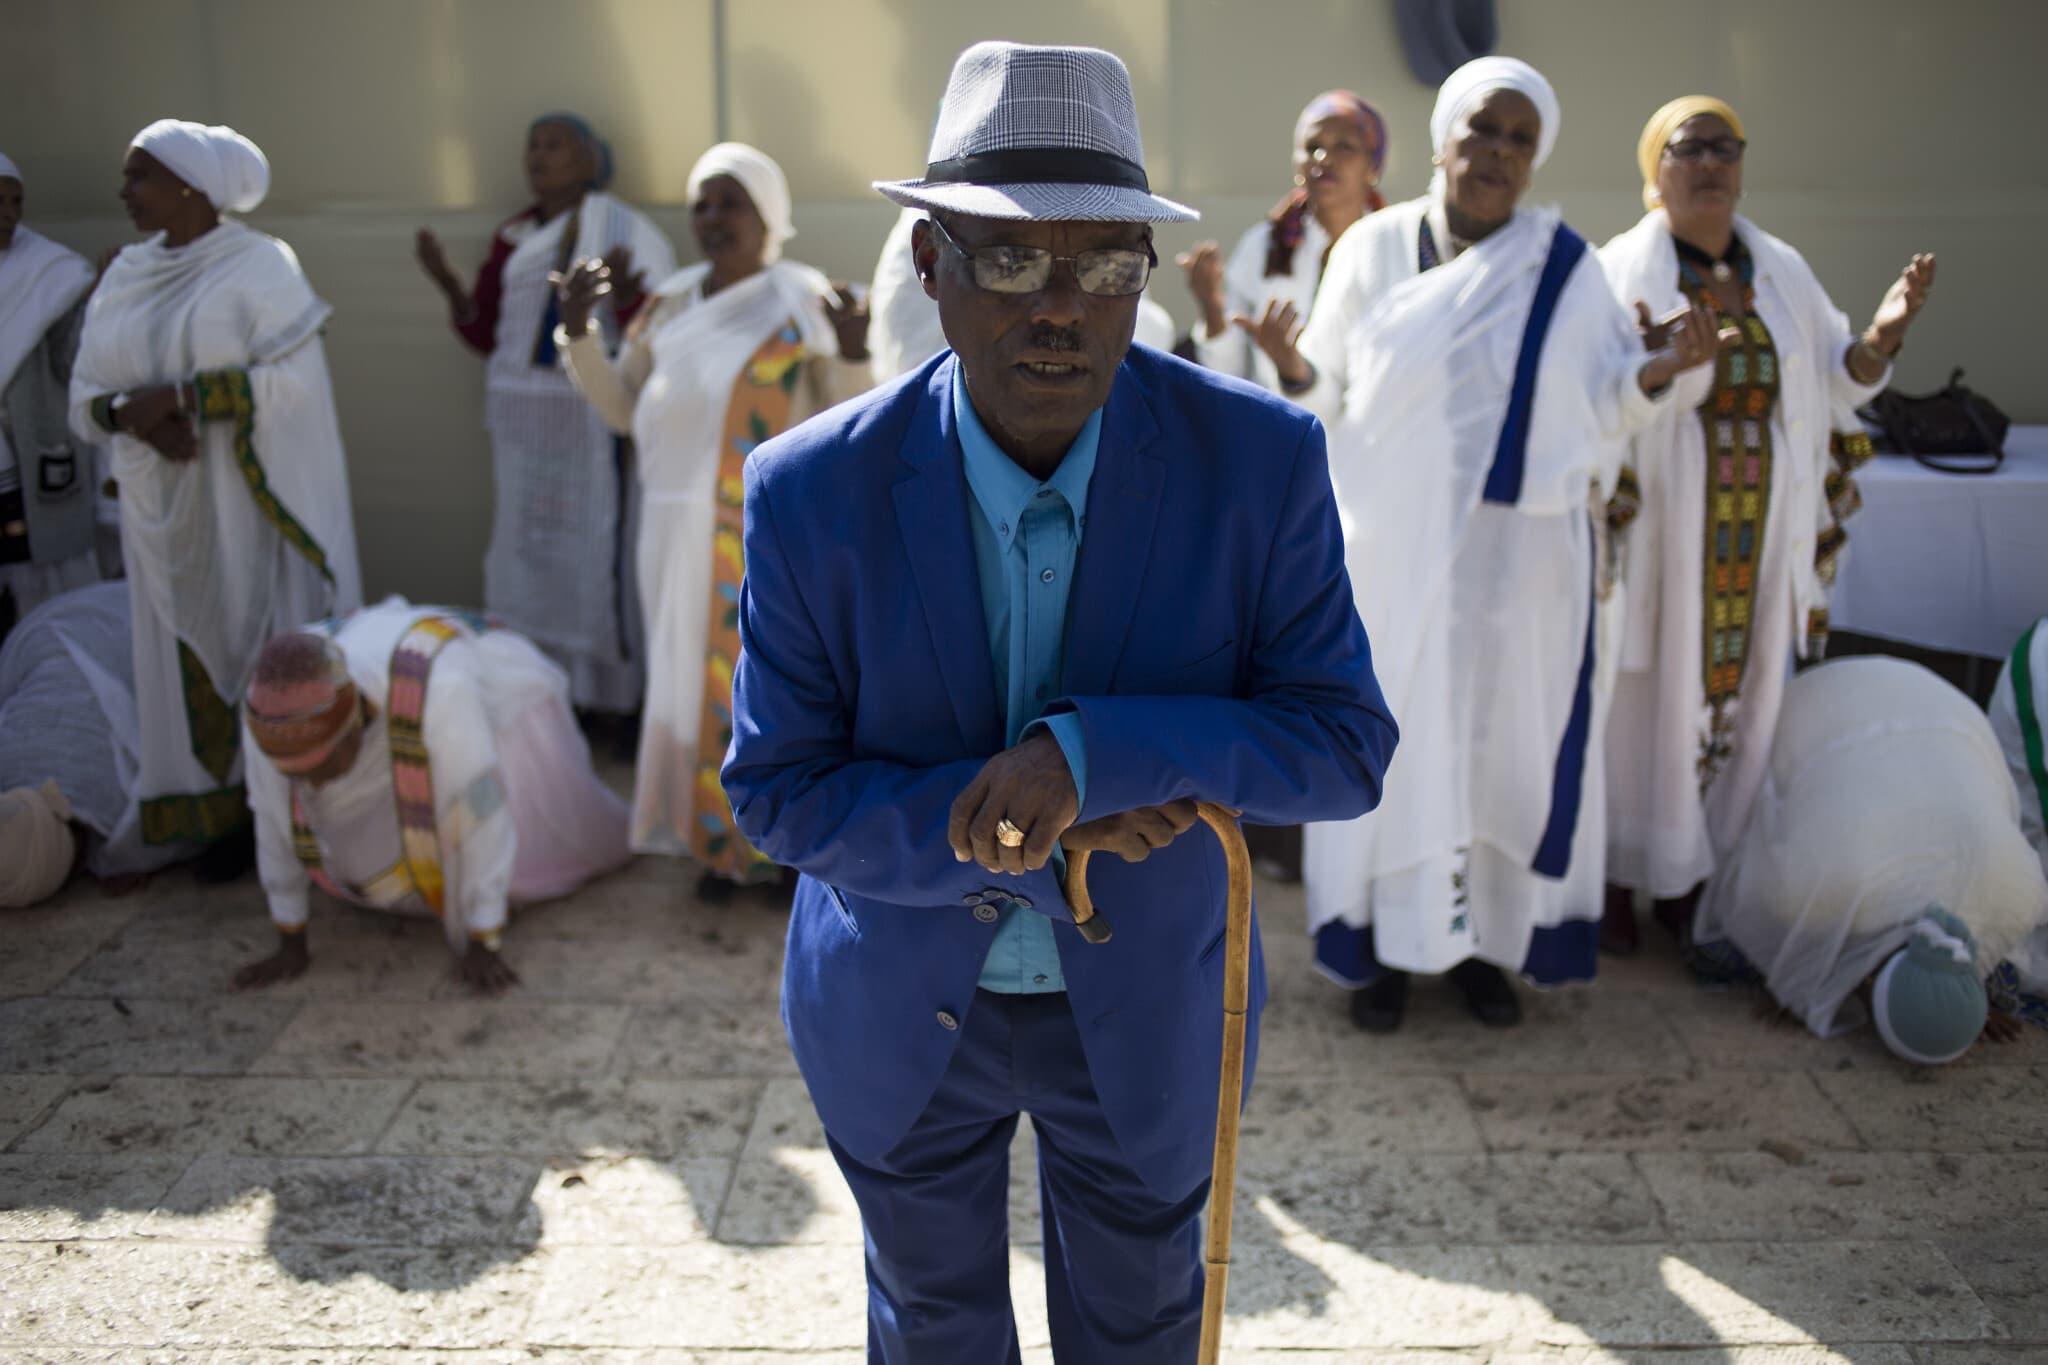 יהודי אתיופיה מתפללים במהלך הסיגד, חג שחגגה בעיקר הקהילה היהודית מאתיופיה, בירושלים, 2018. הסיגד, שמסמל את קבלת התורה, הפך לחג לאומי ישראלי בשנת 2008 (צילום: AP Photo / Ariel Schalit)